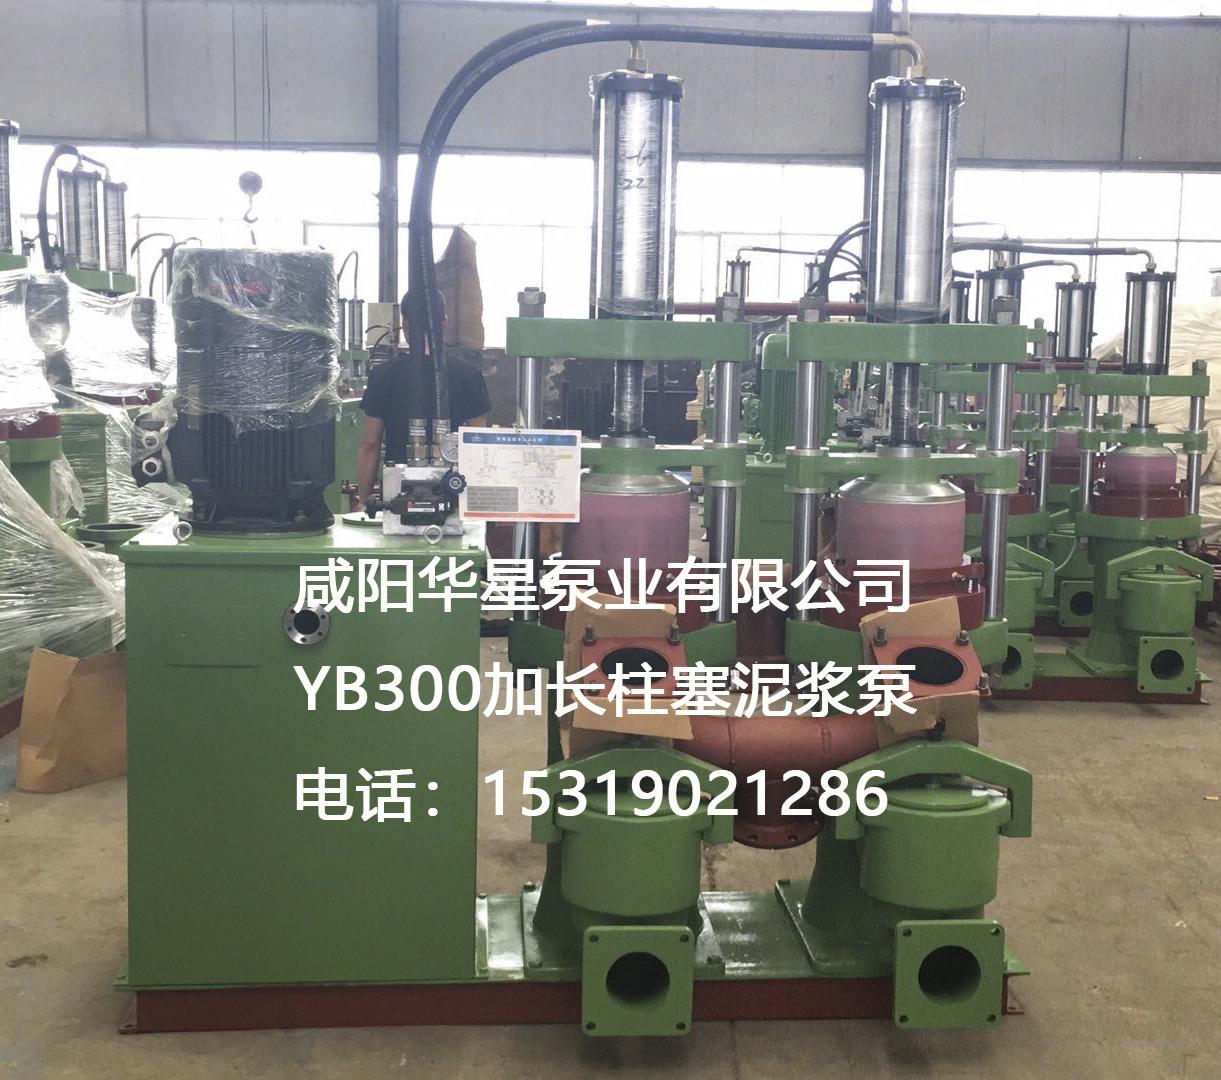 YB300加长柱塞泥浆泵